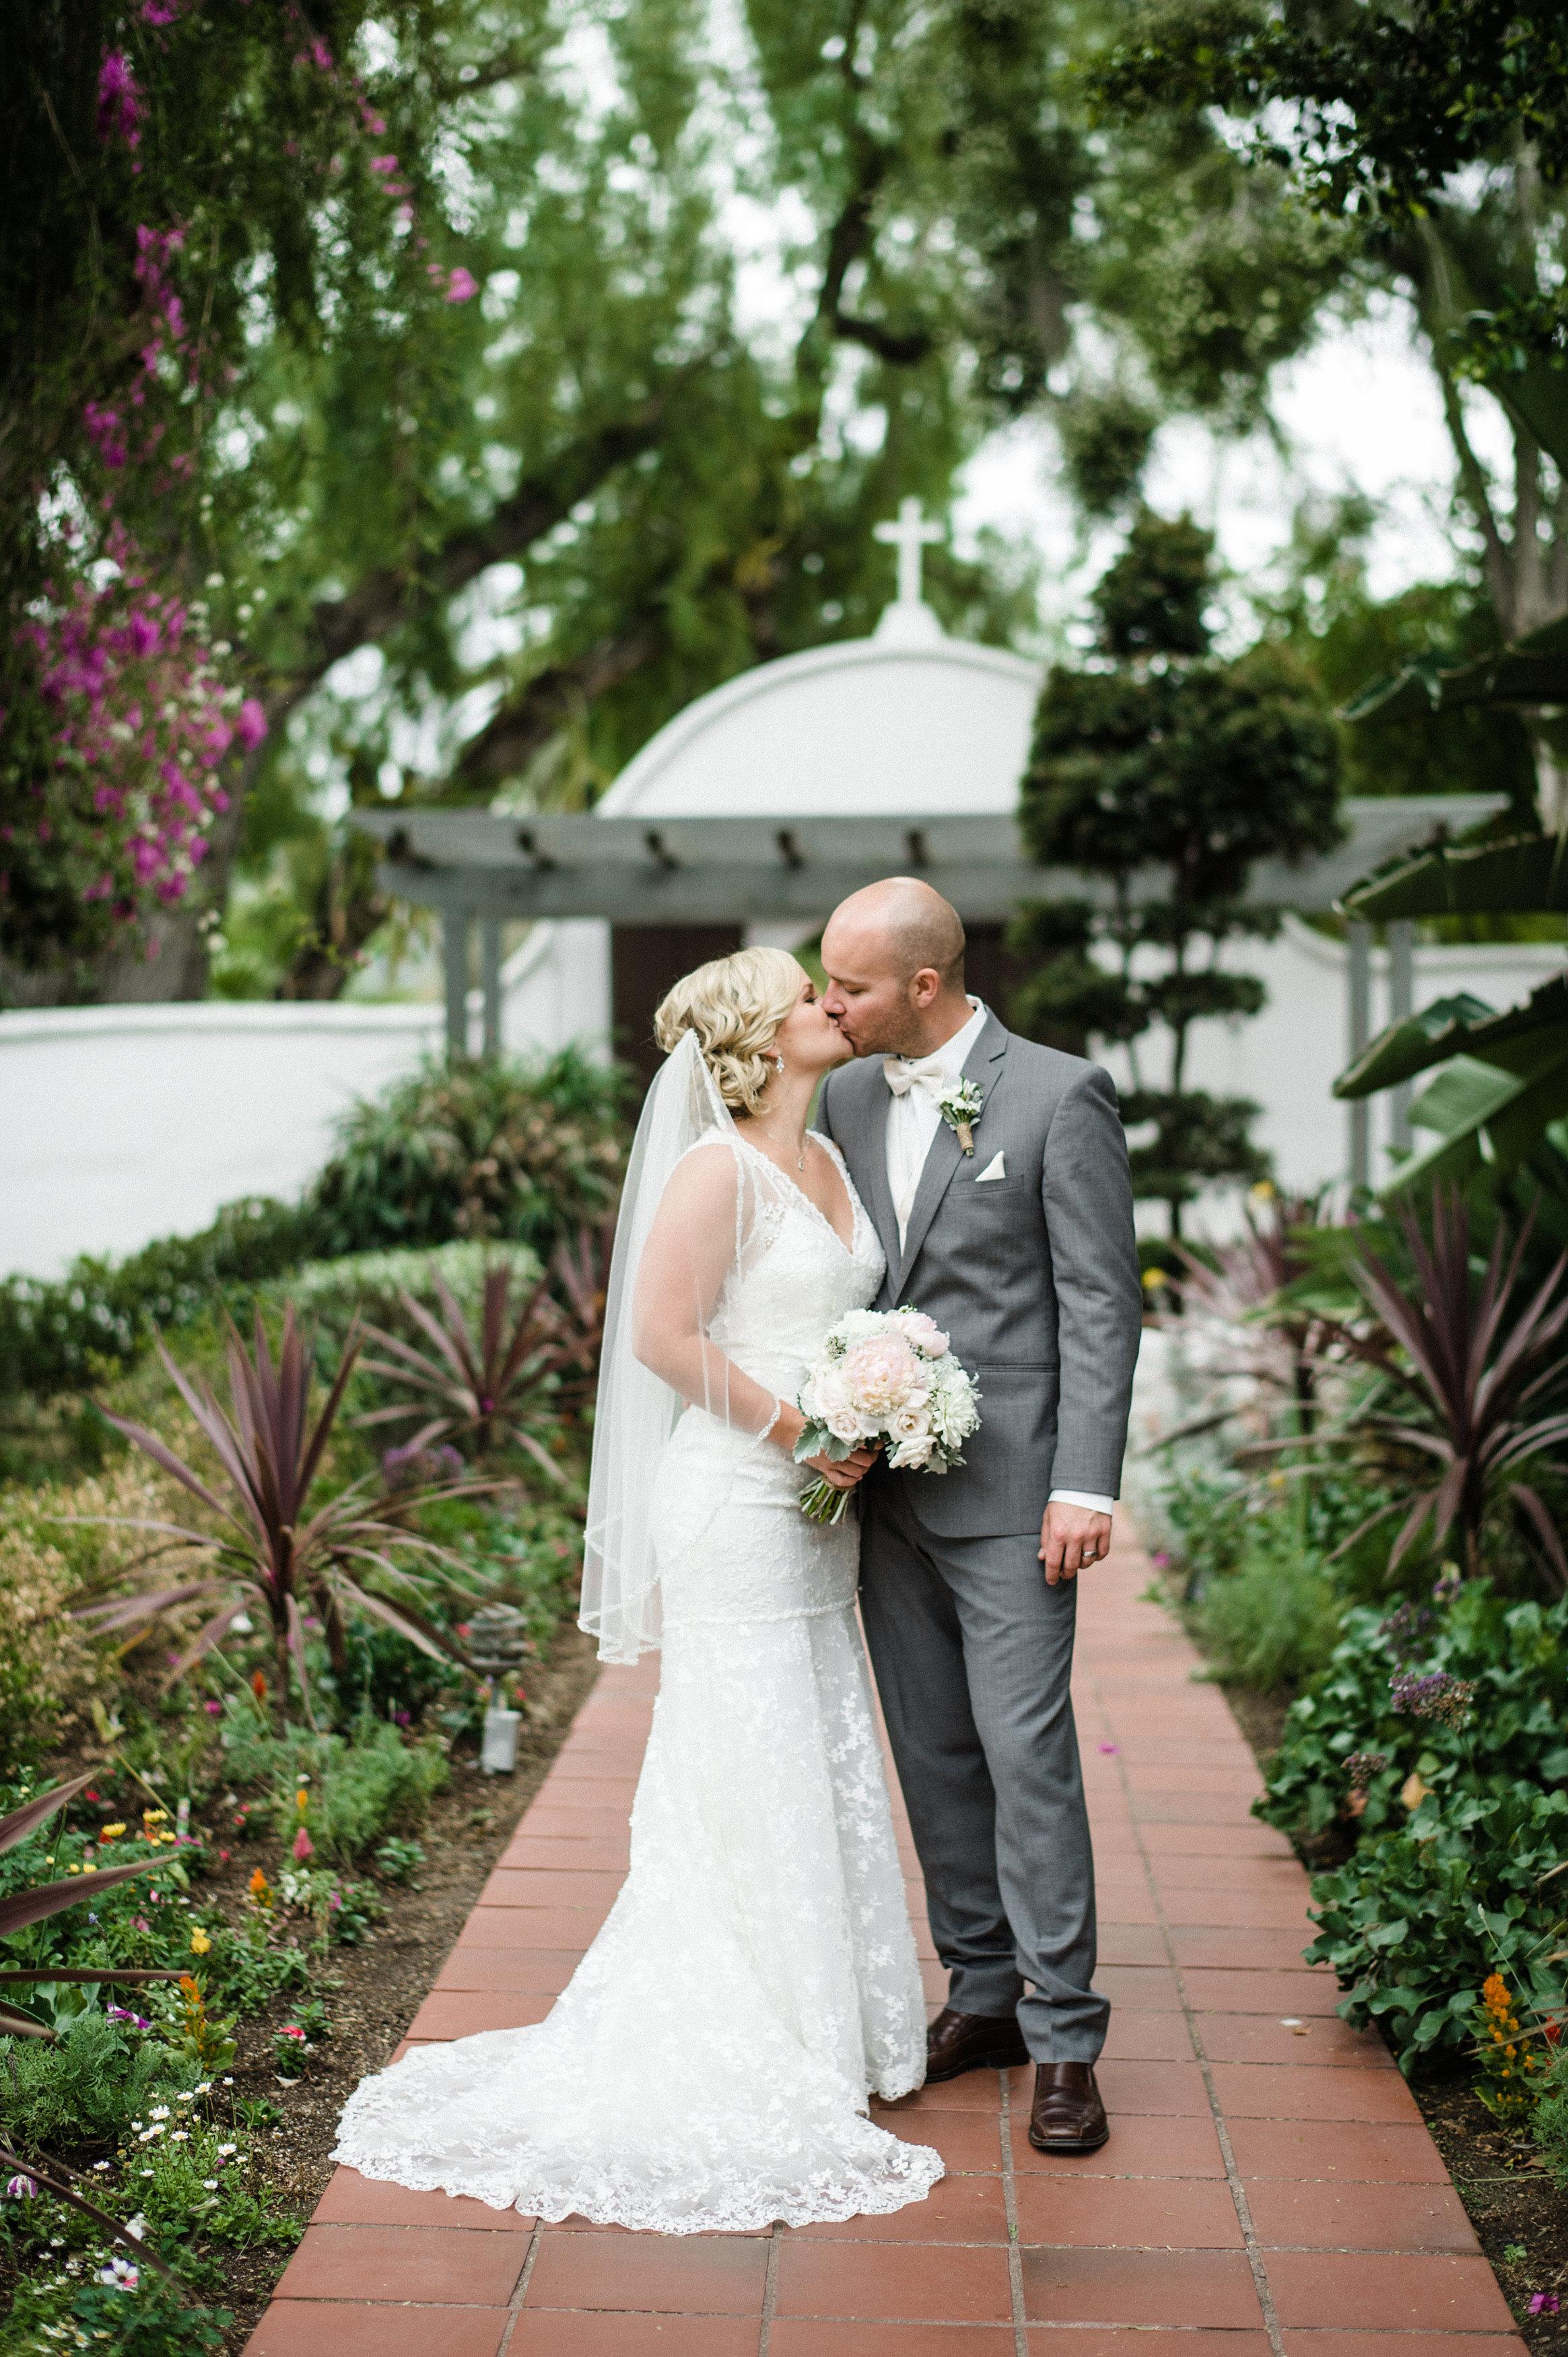 Coronado Base Weddings